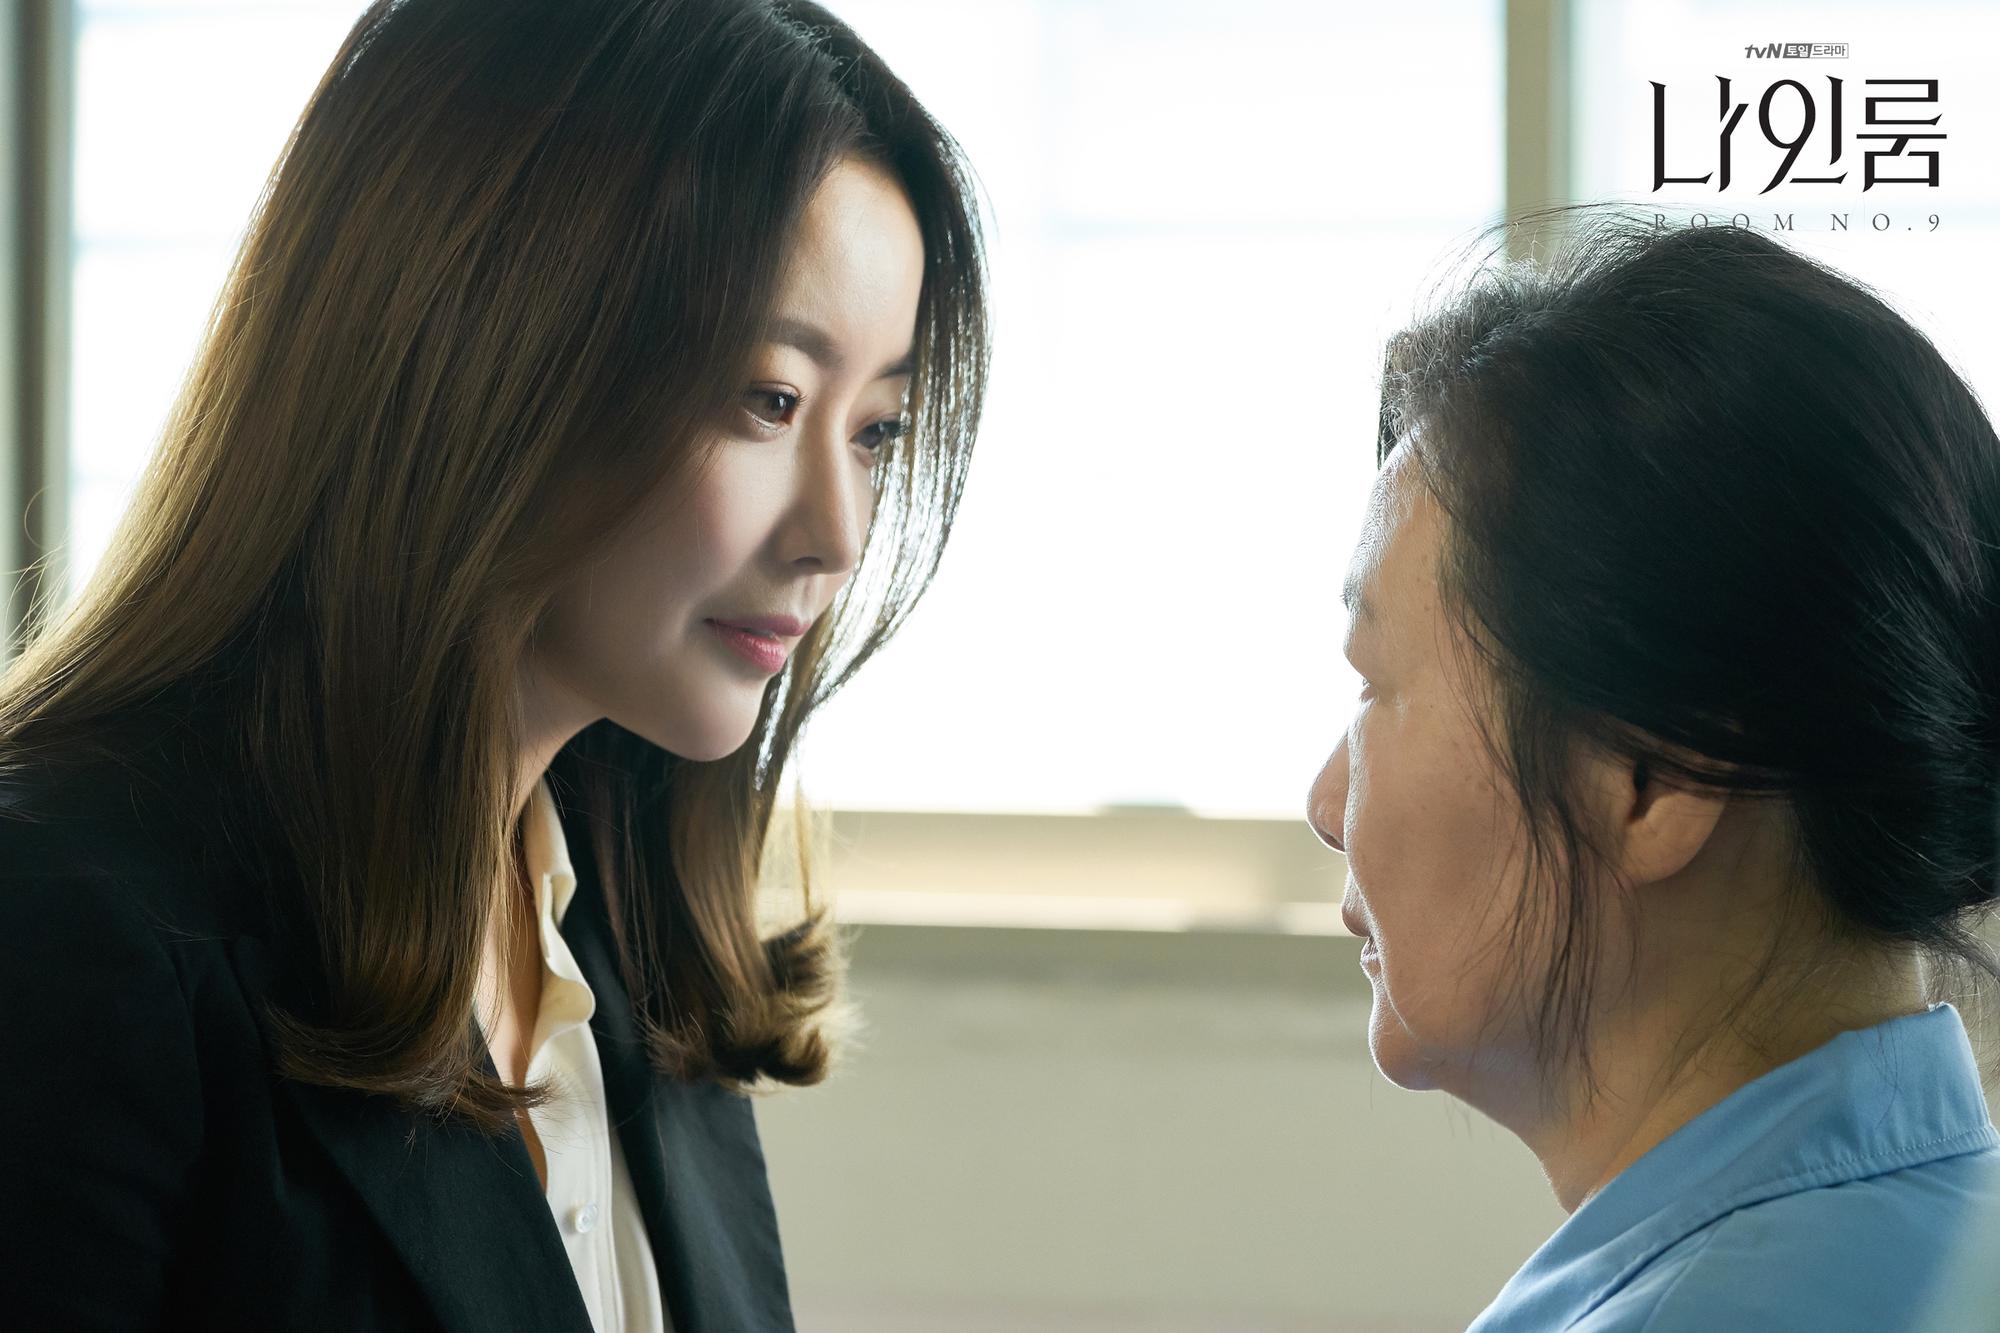 Room No. 9 của Kim Hee Sun: Đâu là sự chịu đựng khủng khiếp nhất mà một người có thể gặp phải? - Ảnh 4.